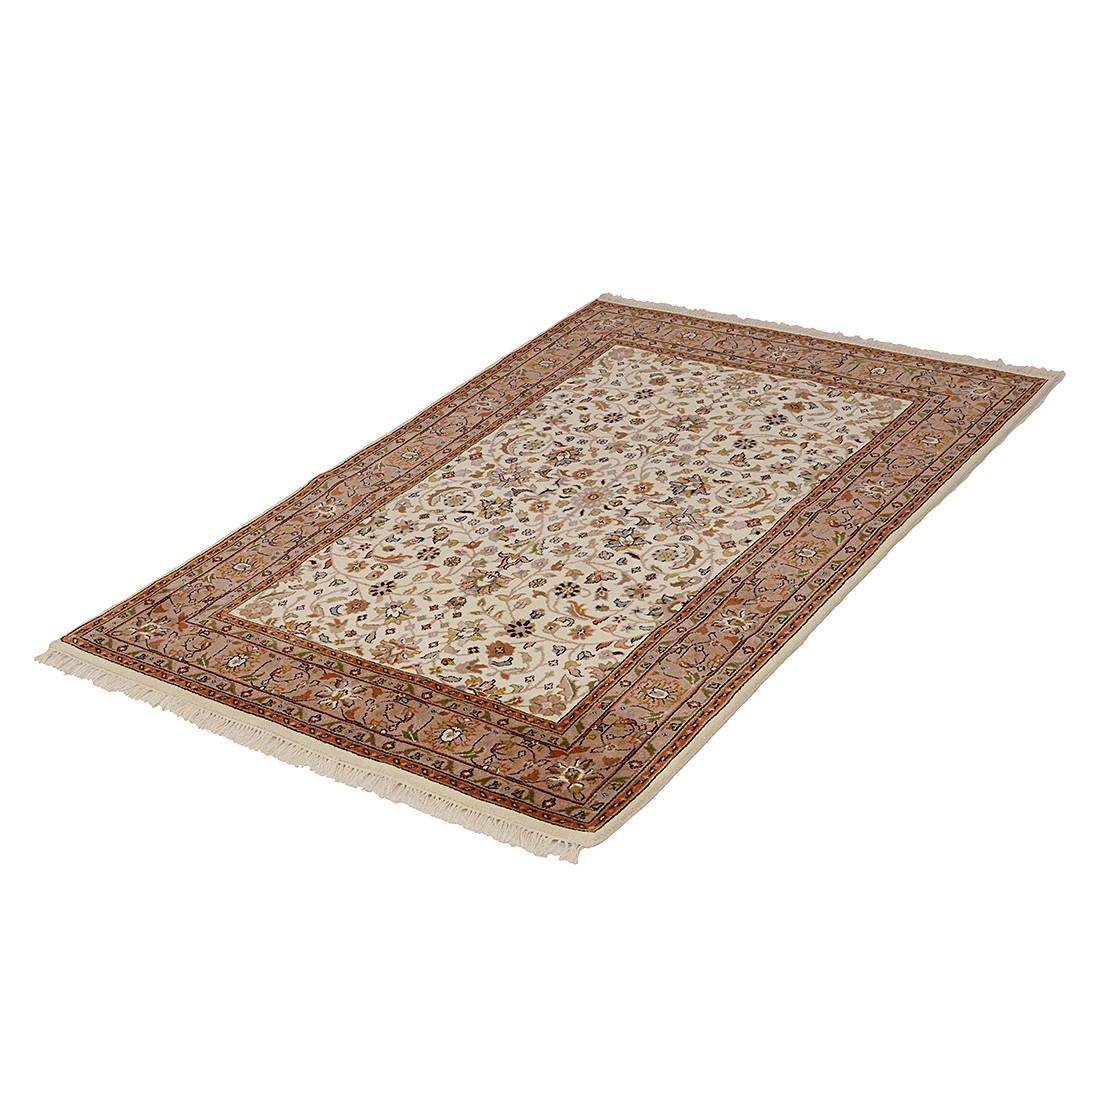 Teppich Matura Bidjar – Beige – 90 x 160 cm, Parwis günstig